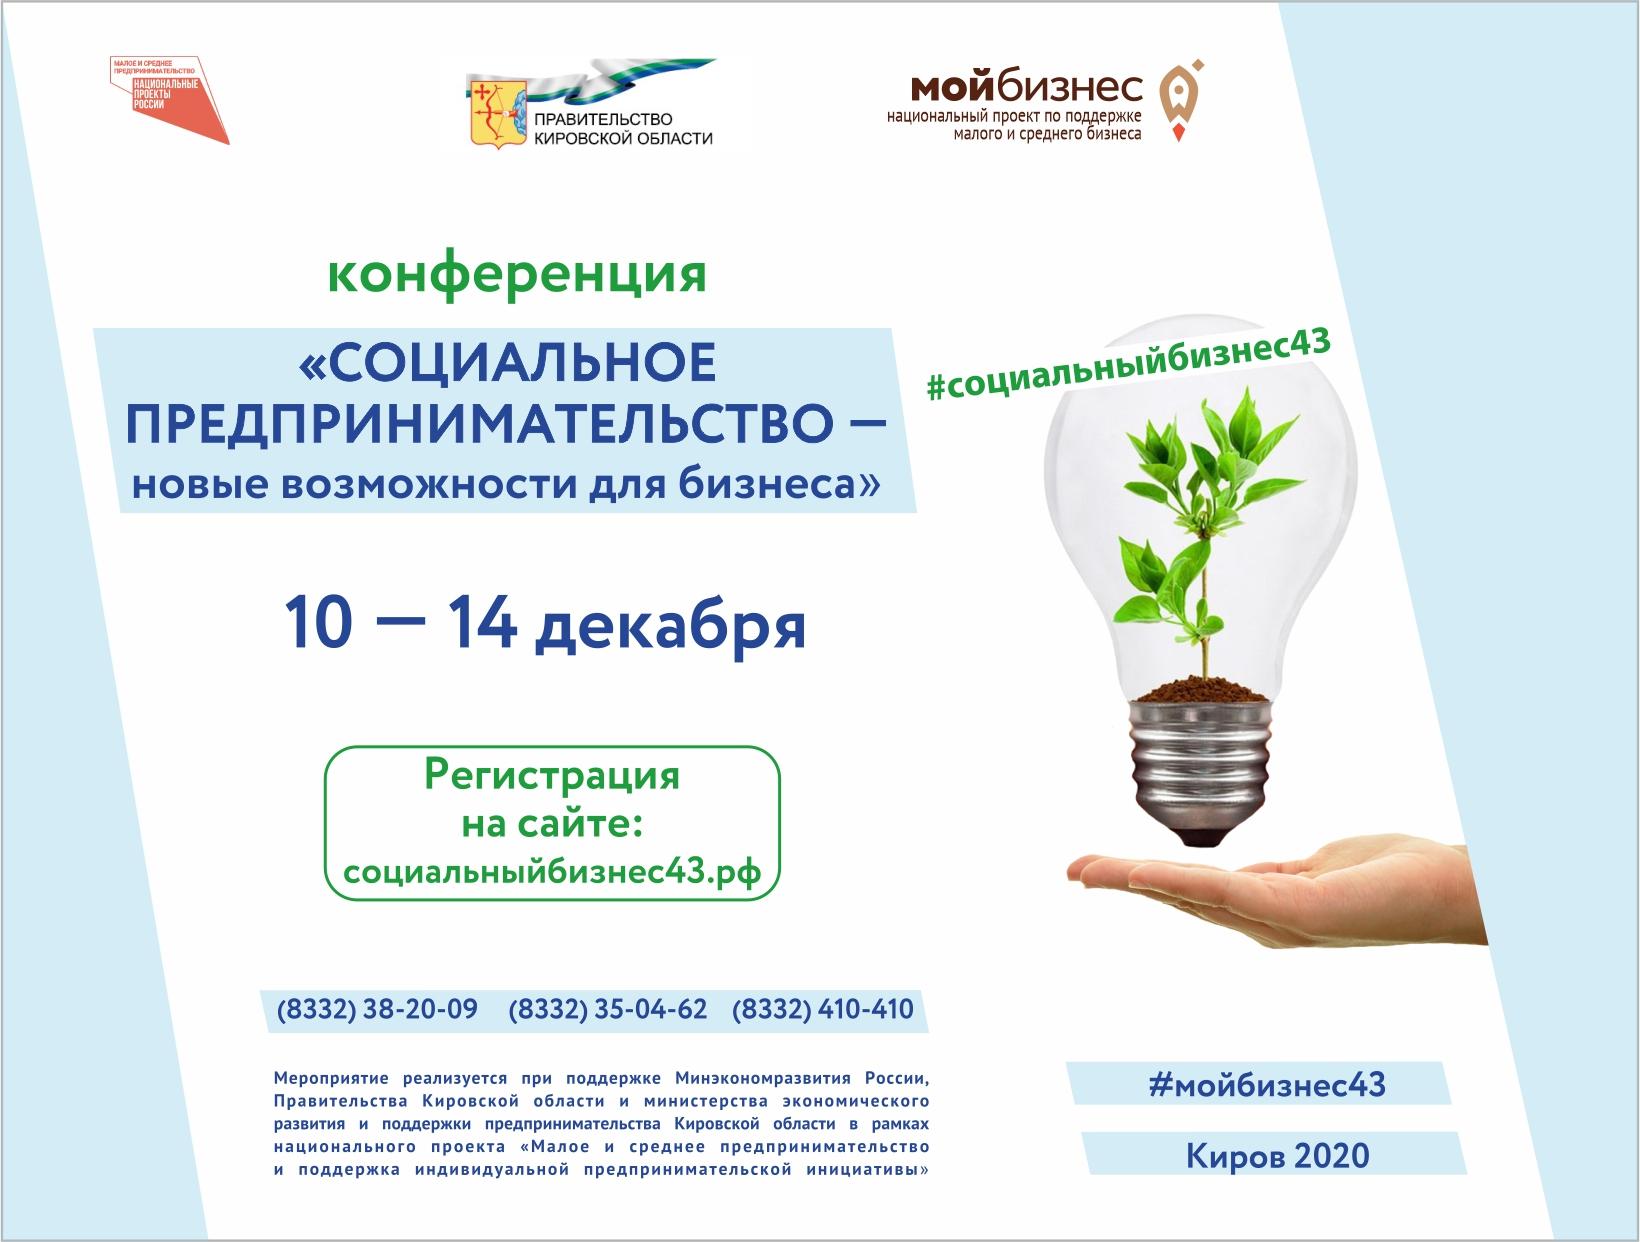 Межрегиональная конференция «Социальное предпринимательство – новые возможности для бизнеса» пройдет в Кирове 10-14 декабря 2020 года